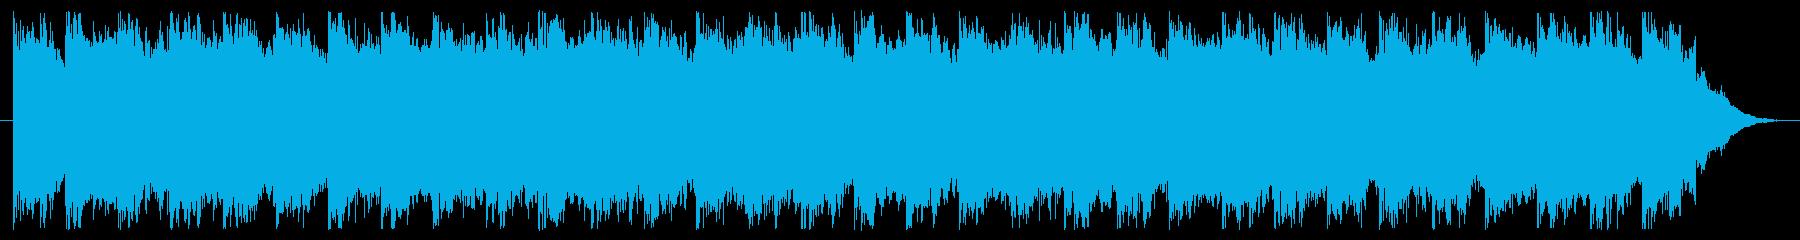 ブーン(サイレン、アラーム音)の再生済みの波形